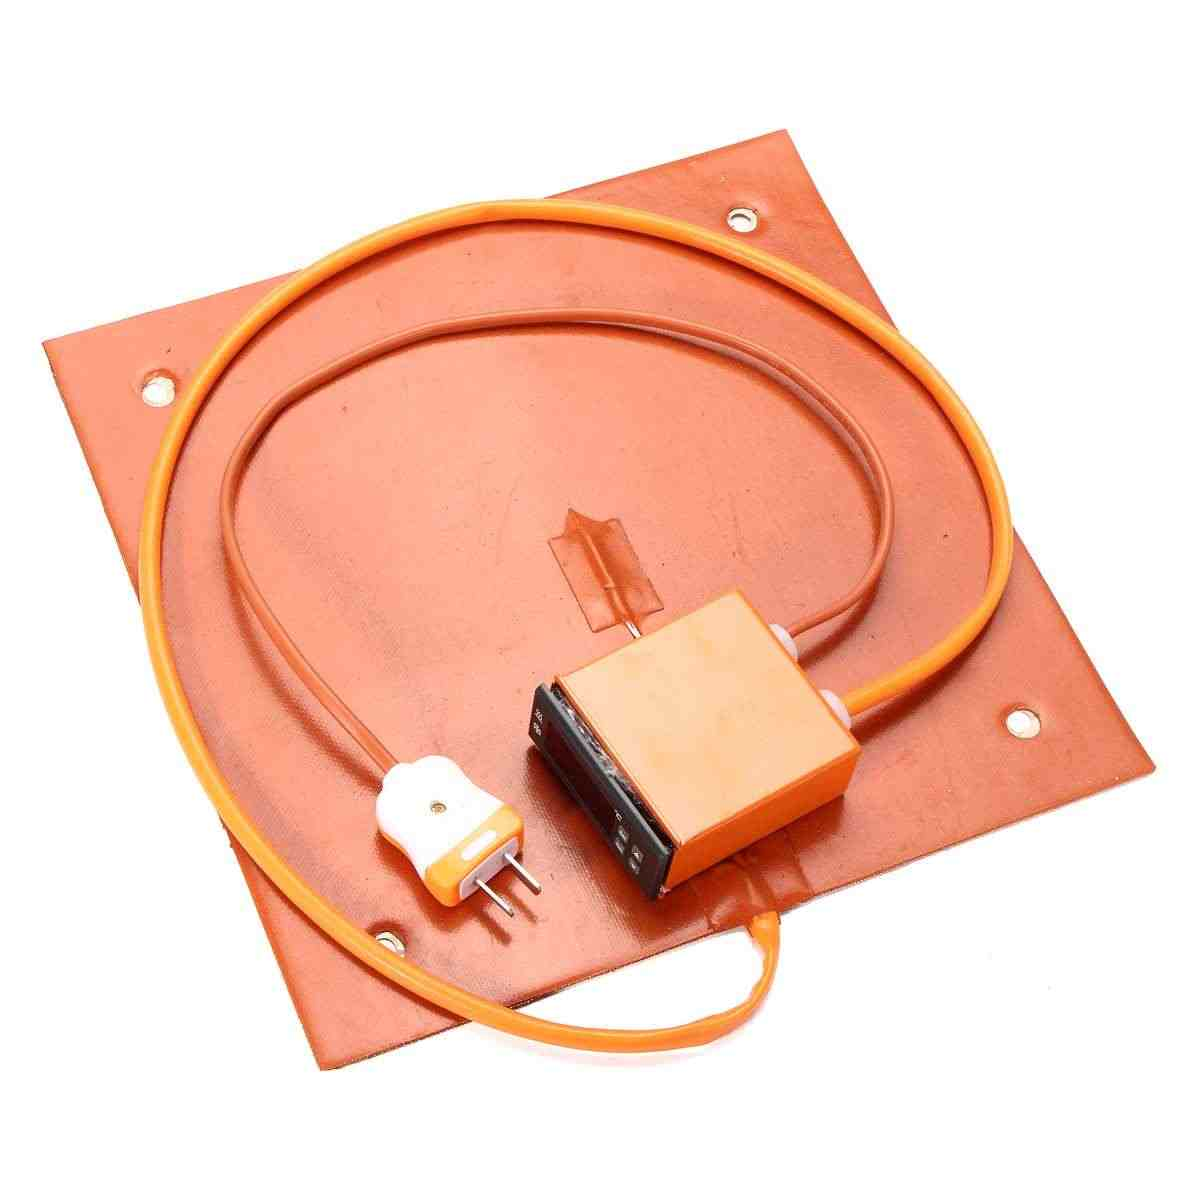 310x310mm 750 w atualizar aquecedor de silicone com termostato lcd controlador digital silicone almofada aquecimento elétrico para CR-10 impressora 3d